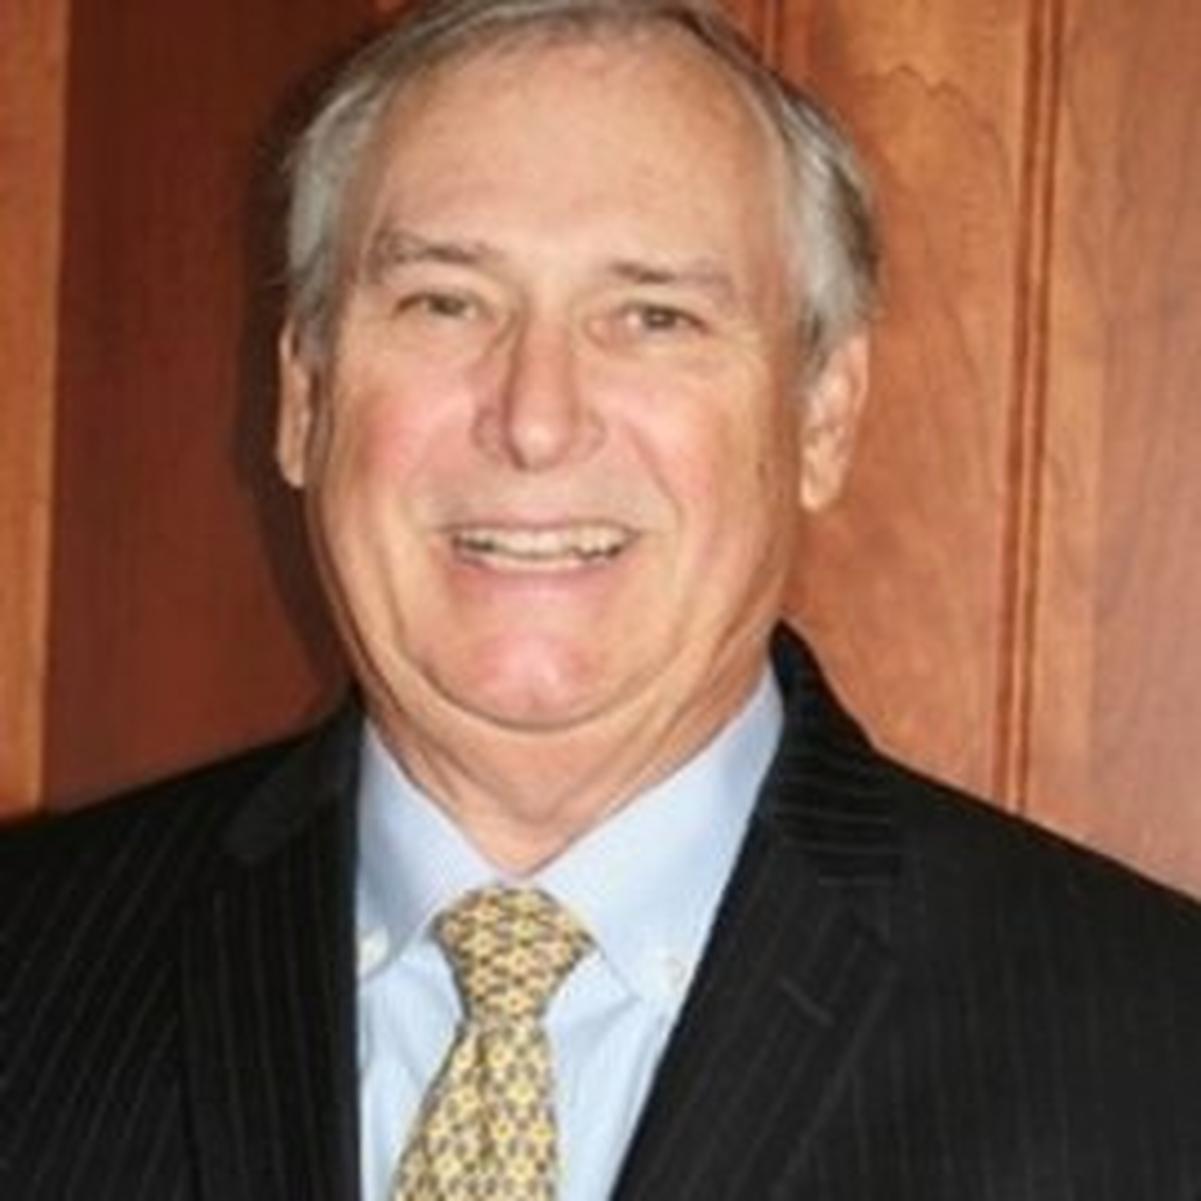 Steven Landefeld, Ph.D.